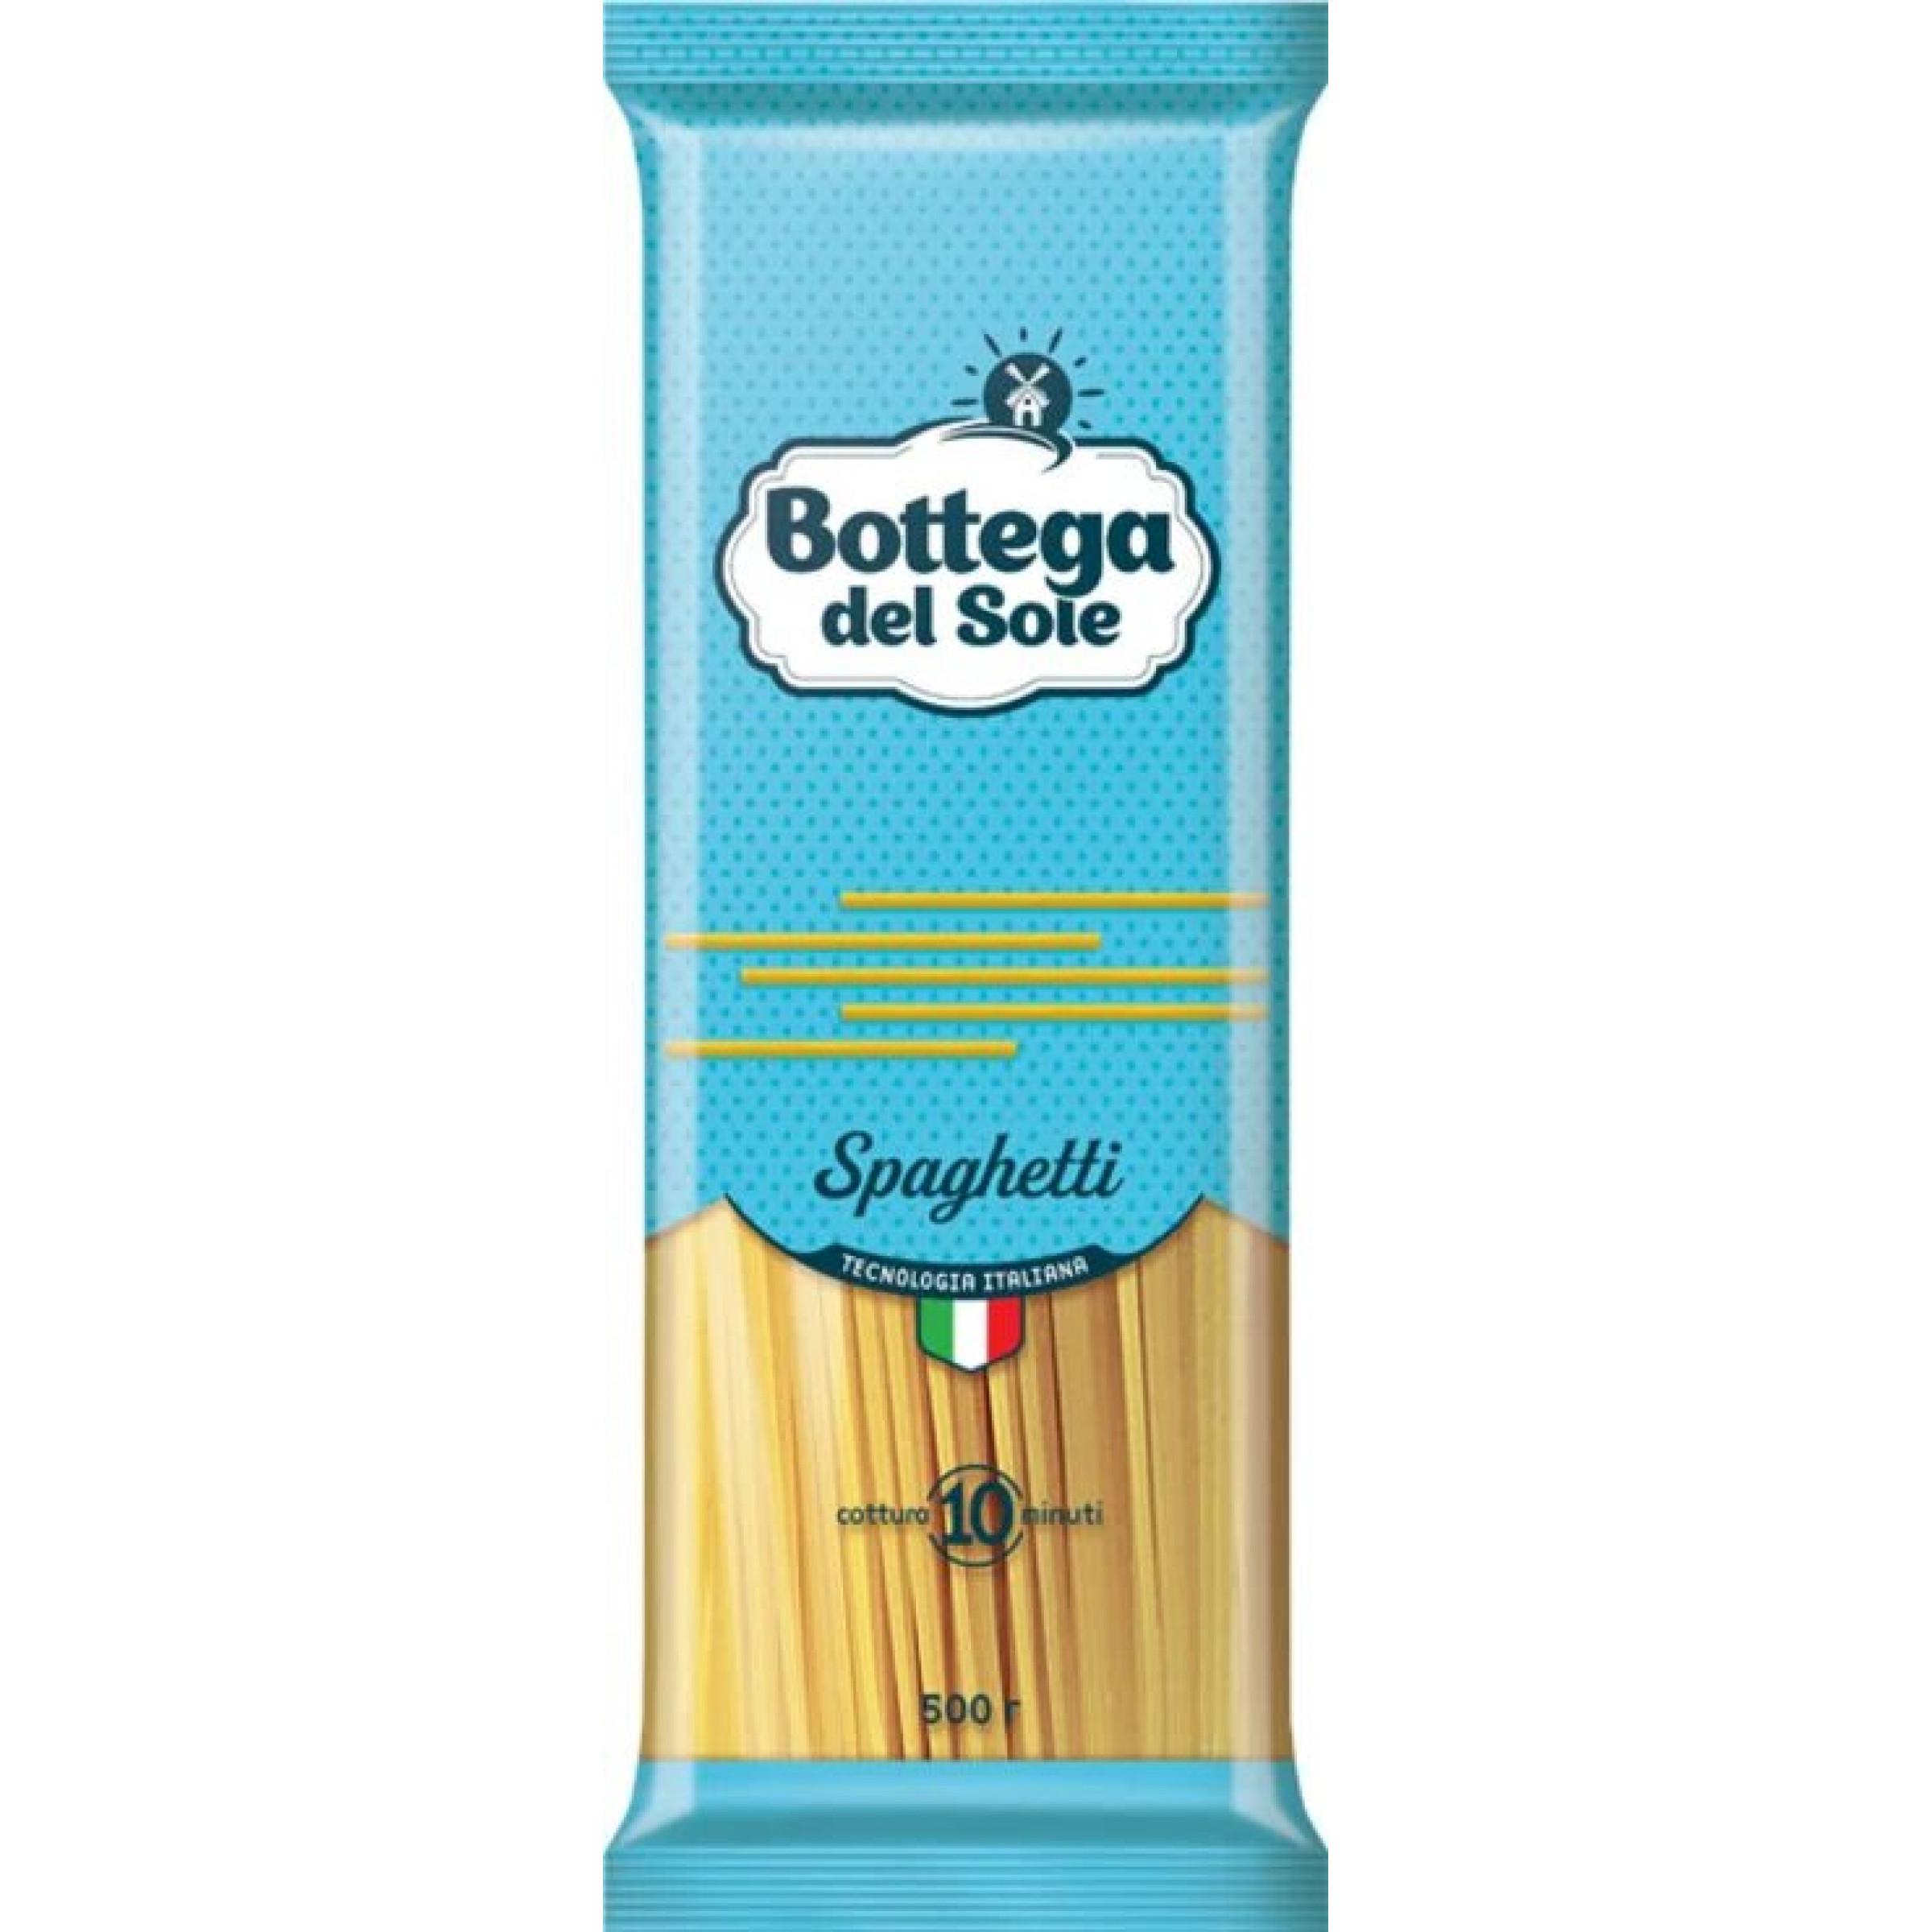 Макаронные изделия Bottega del Sole Спагетти, 500 гр